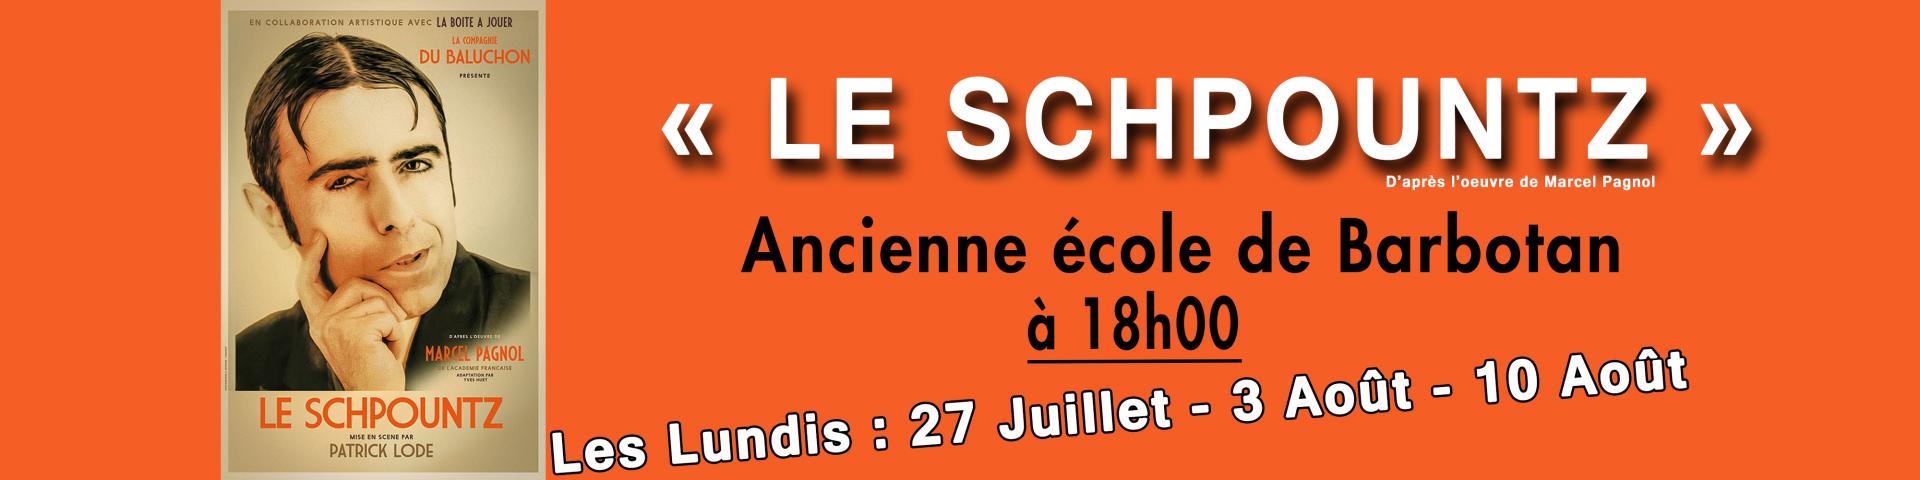 banniere-schpountz-368